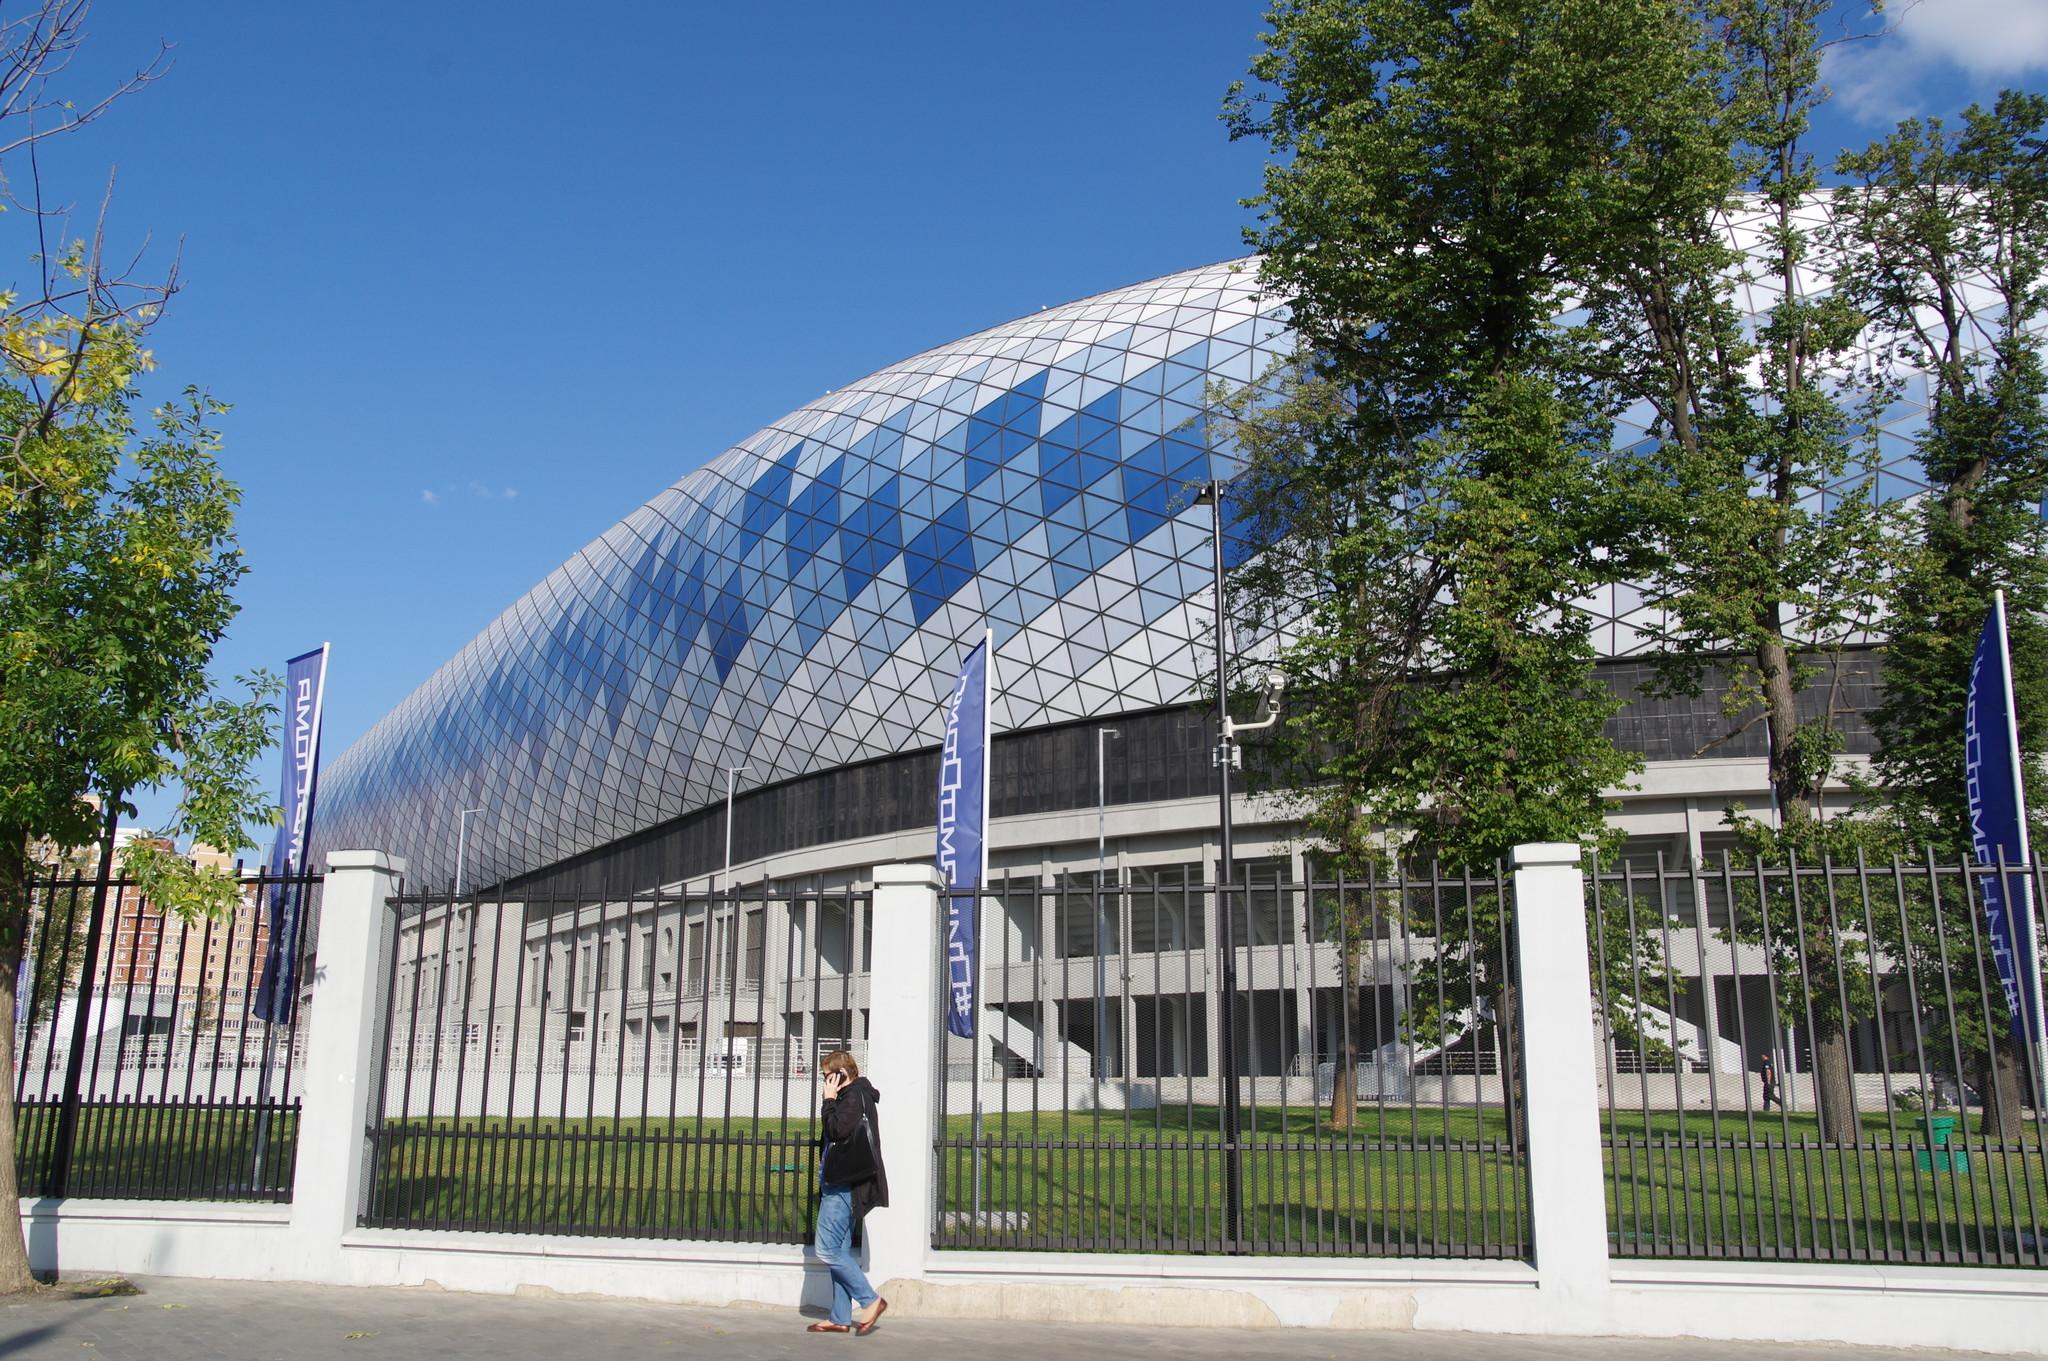 Стадион «ВТБ Арена - Центральный стадион «Динамо» имени Льва Яшина»